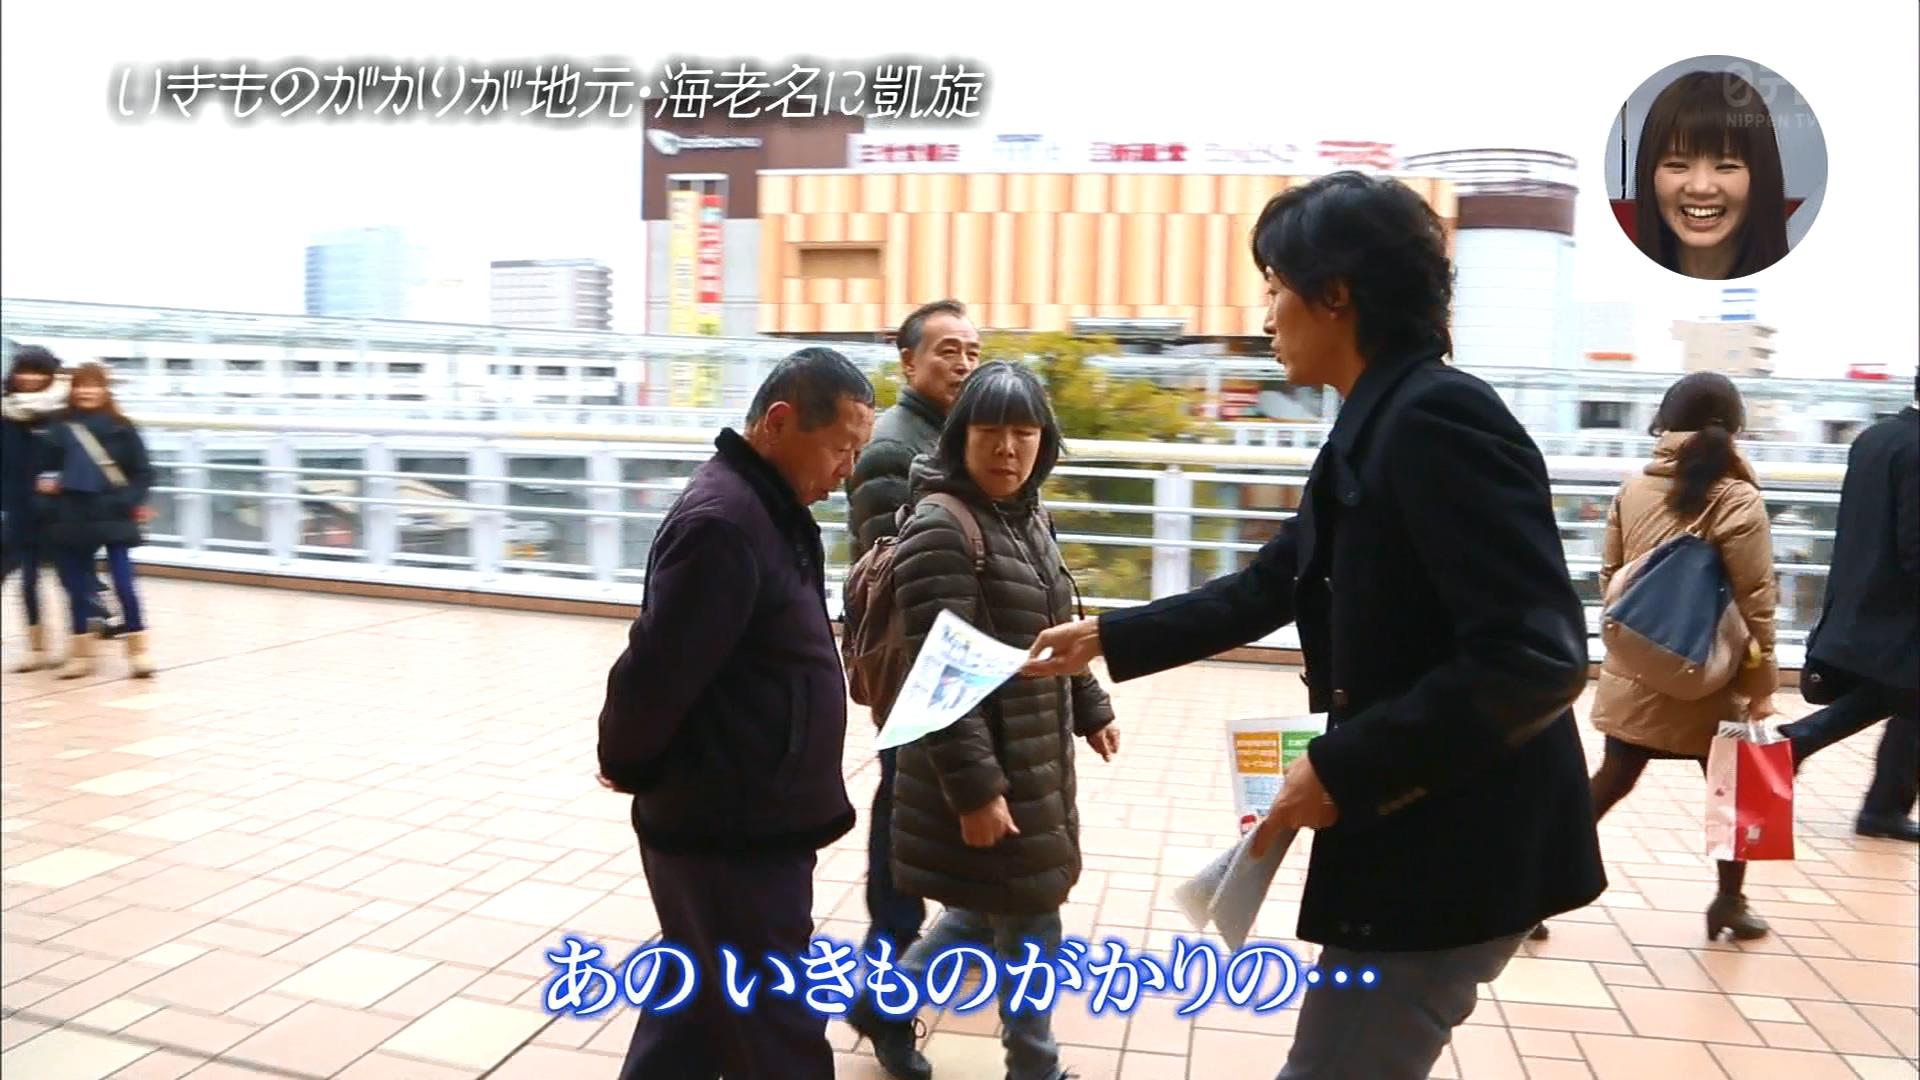 2016.03.13 全場(おしゃれイズム).ts_20160314_010505.448